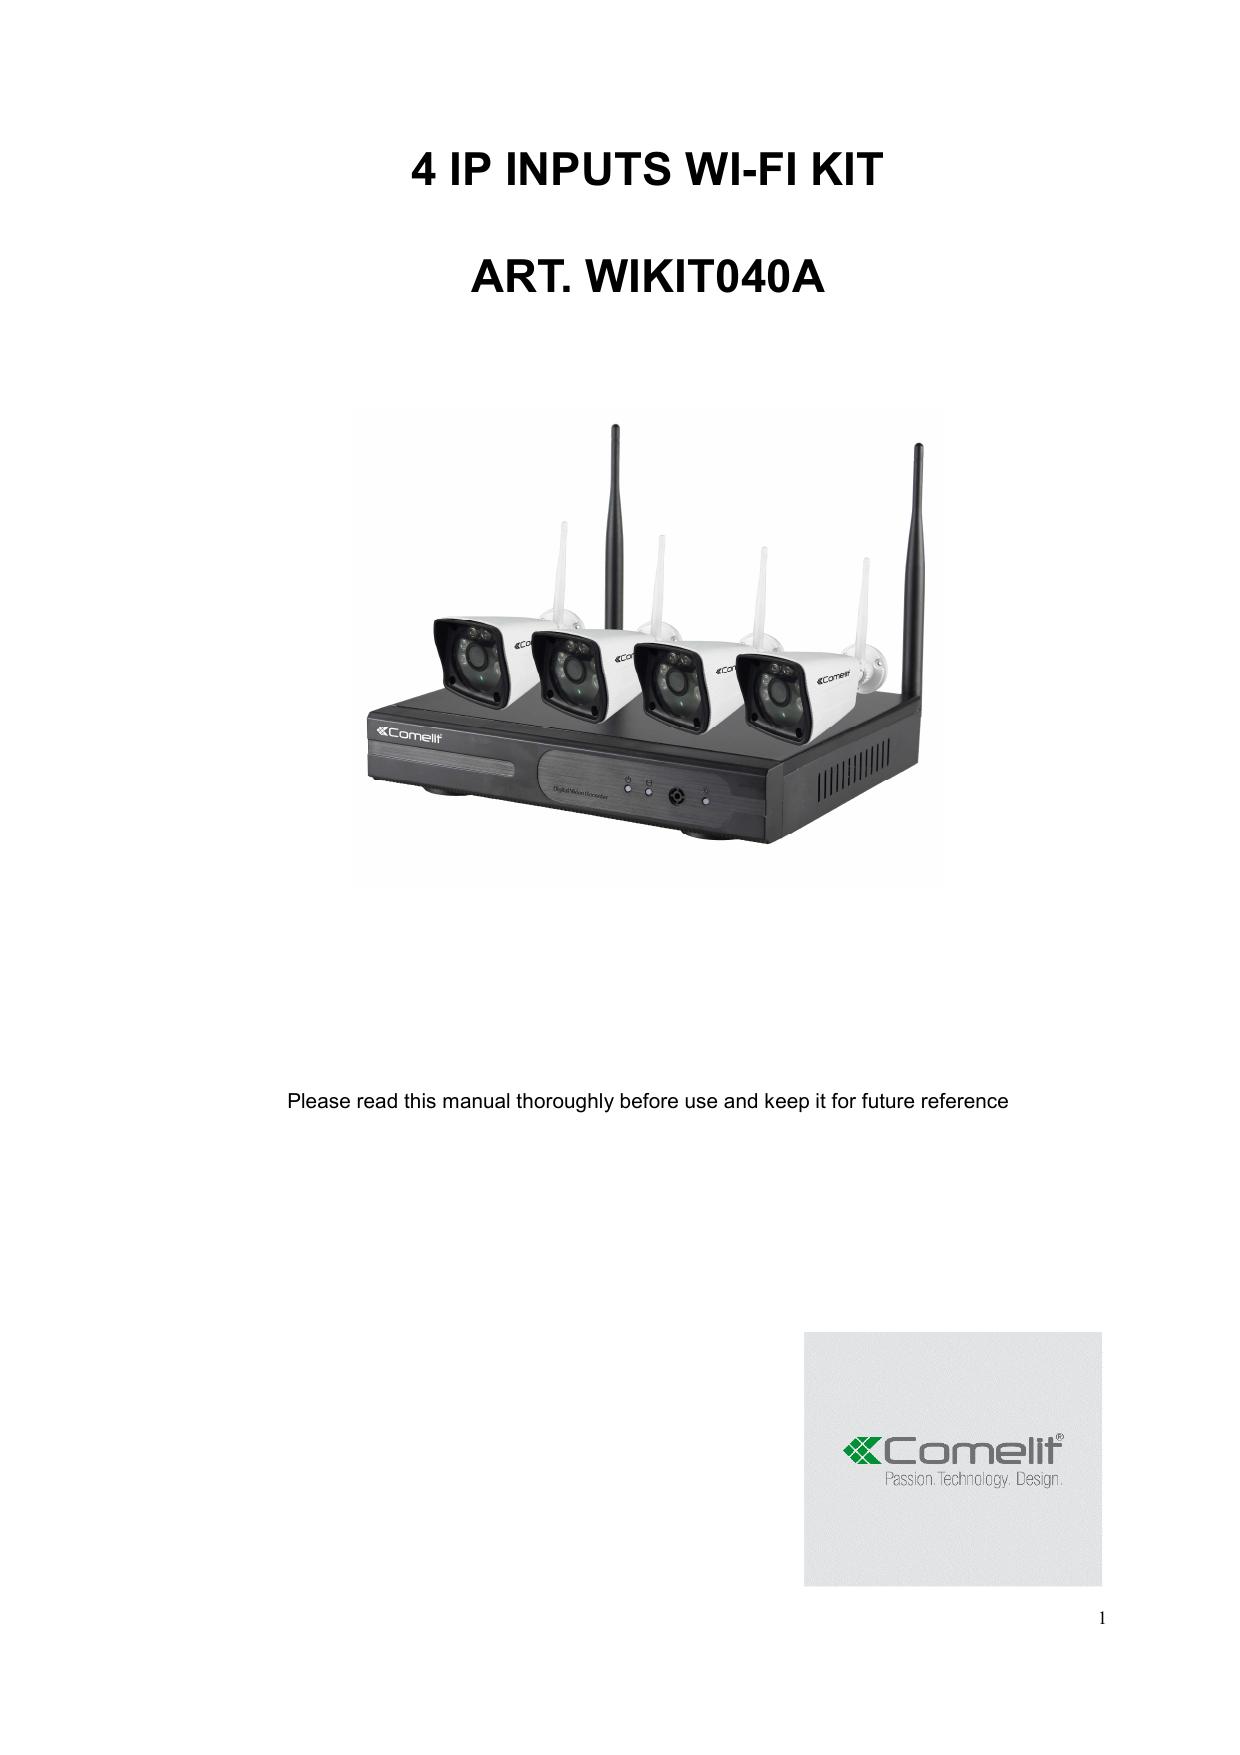 4 ip inputs wi-fi kit art  wikit040a   manualzz com